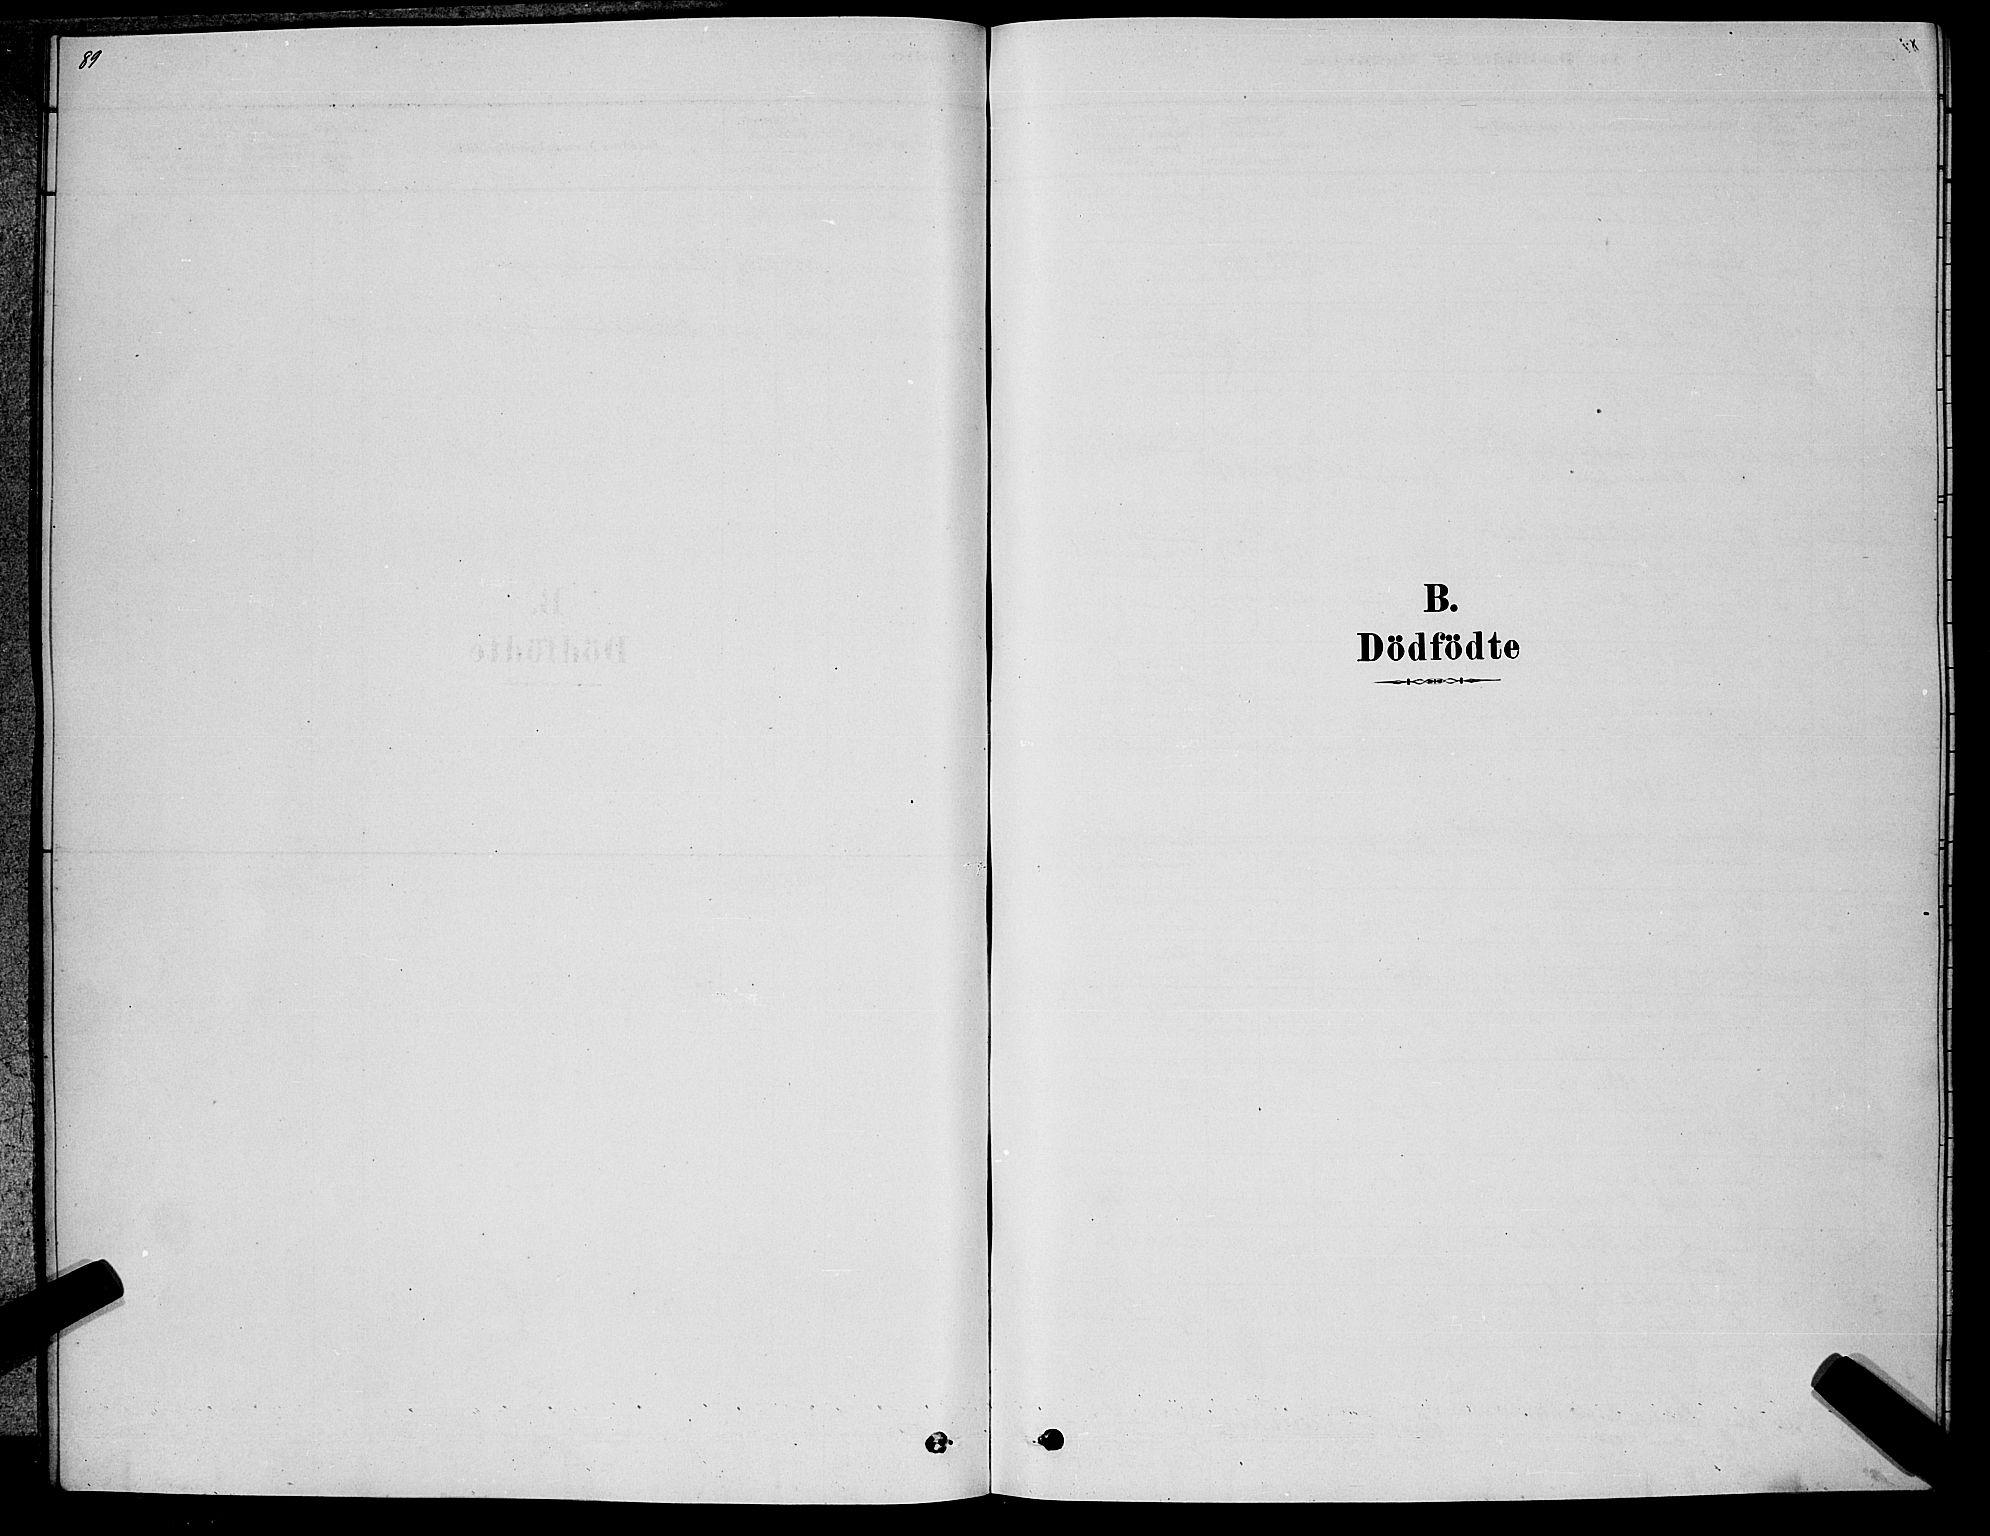 SAKO, Kongsberg kirkebøker, G/Ga/L0005: Klokkerbok nr. 5, 1878-1889, s. 89